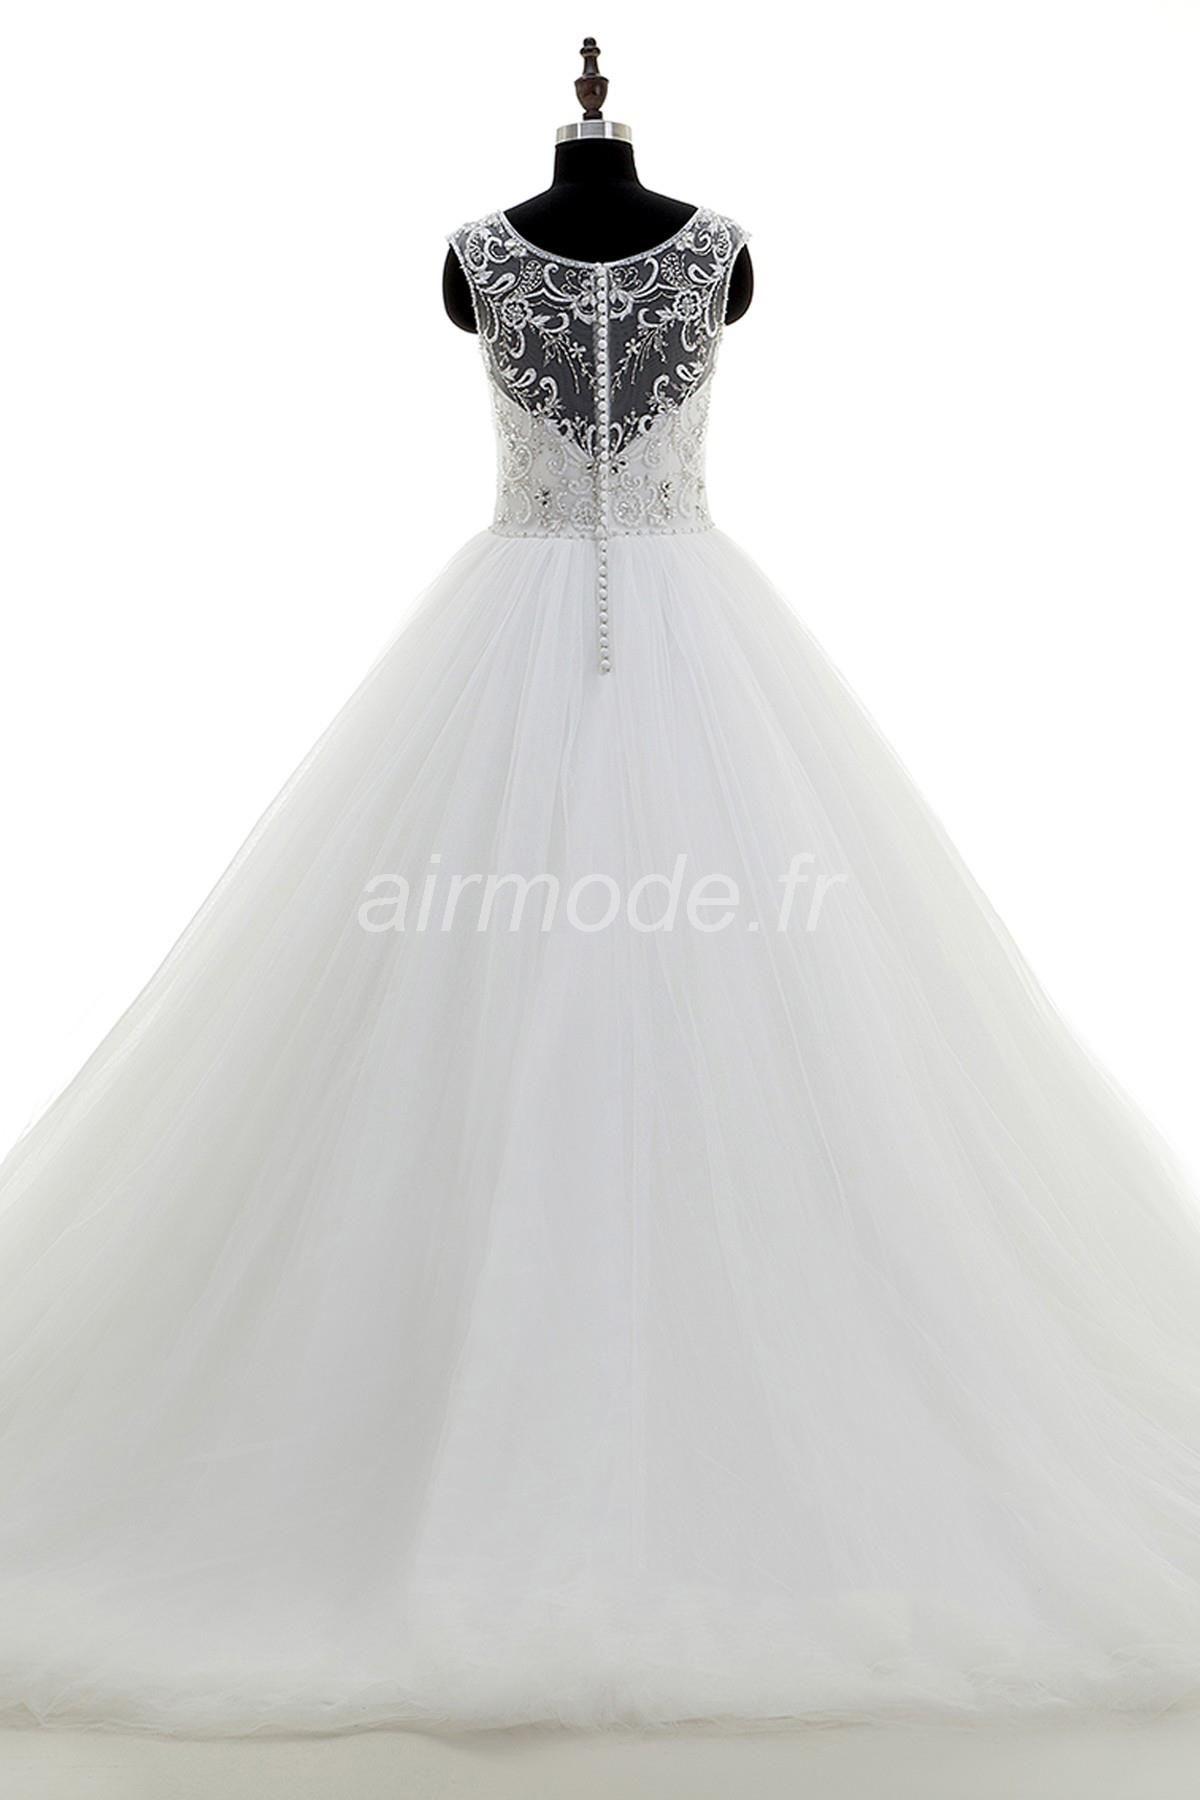 fournitures de airmode.frjardin / outdoor longue toutes tailles glamour & chute spectaculaire robe de balayage / brosse la robe de mariée de l'hiver Robes de Mariée Sexy  (2)